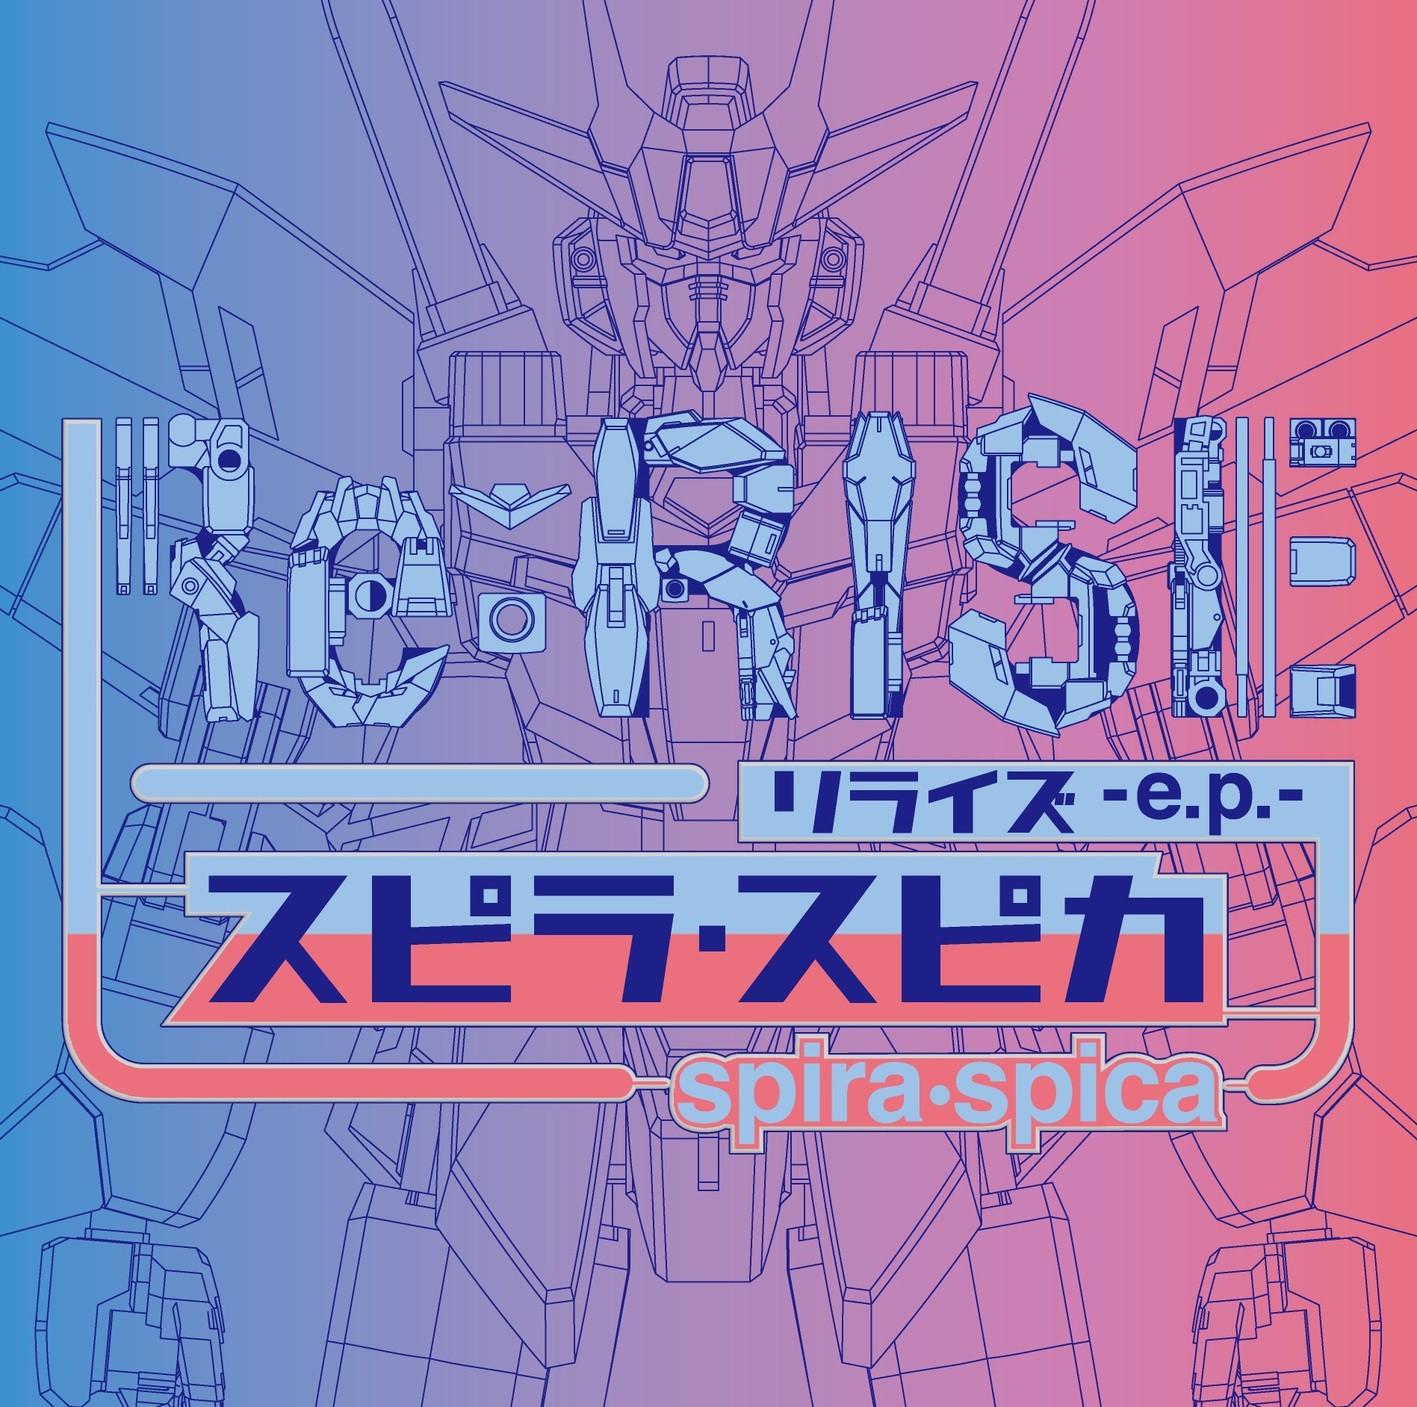 スピラ・スピカ (Spira Spica) – Re:RISE -e.p.- [Mora FLAC 24bit/96kHz]